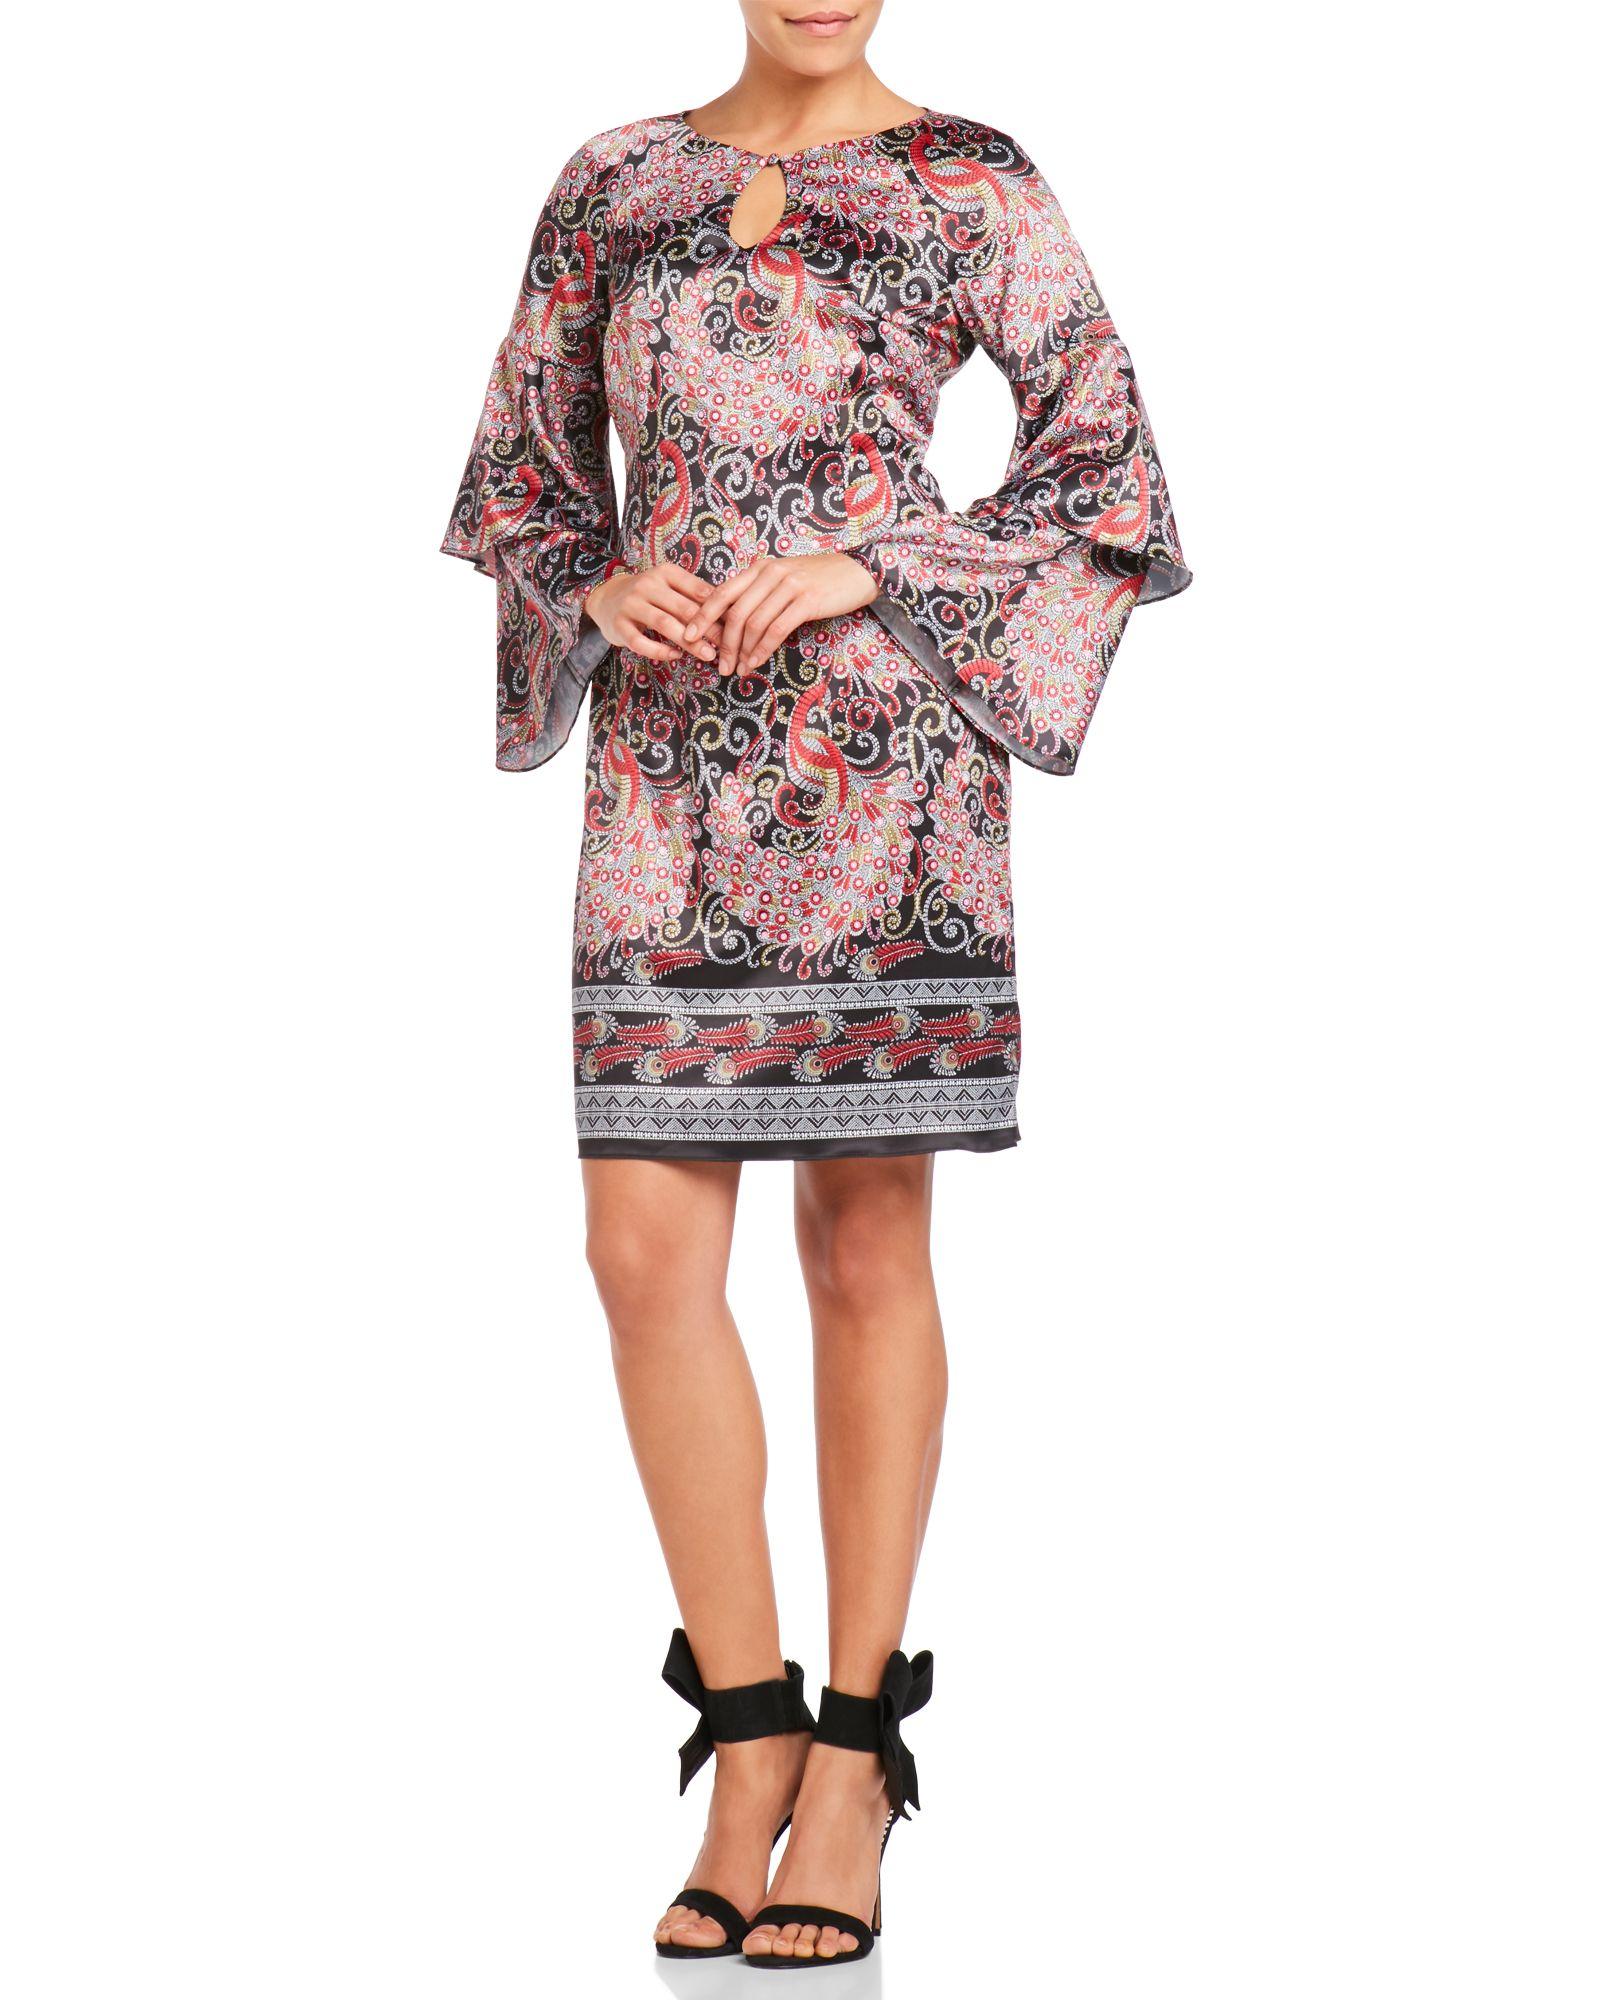 Nanette Nanette Lepore Keyhole Paisley Dress